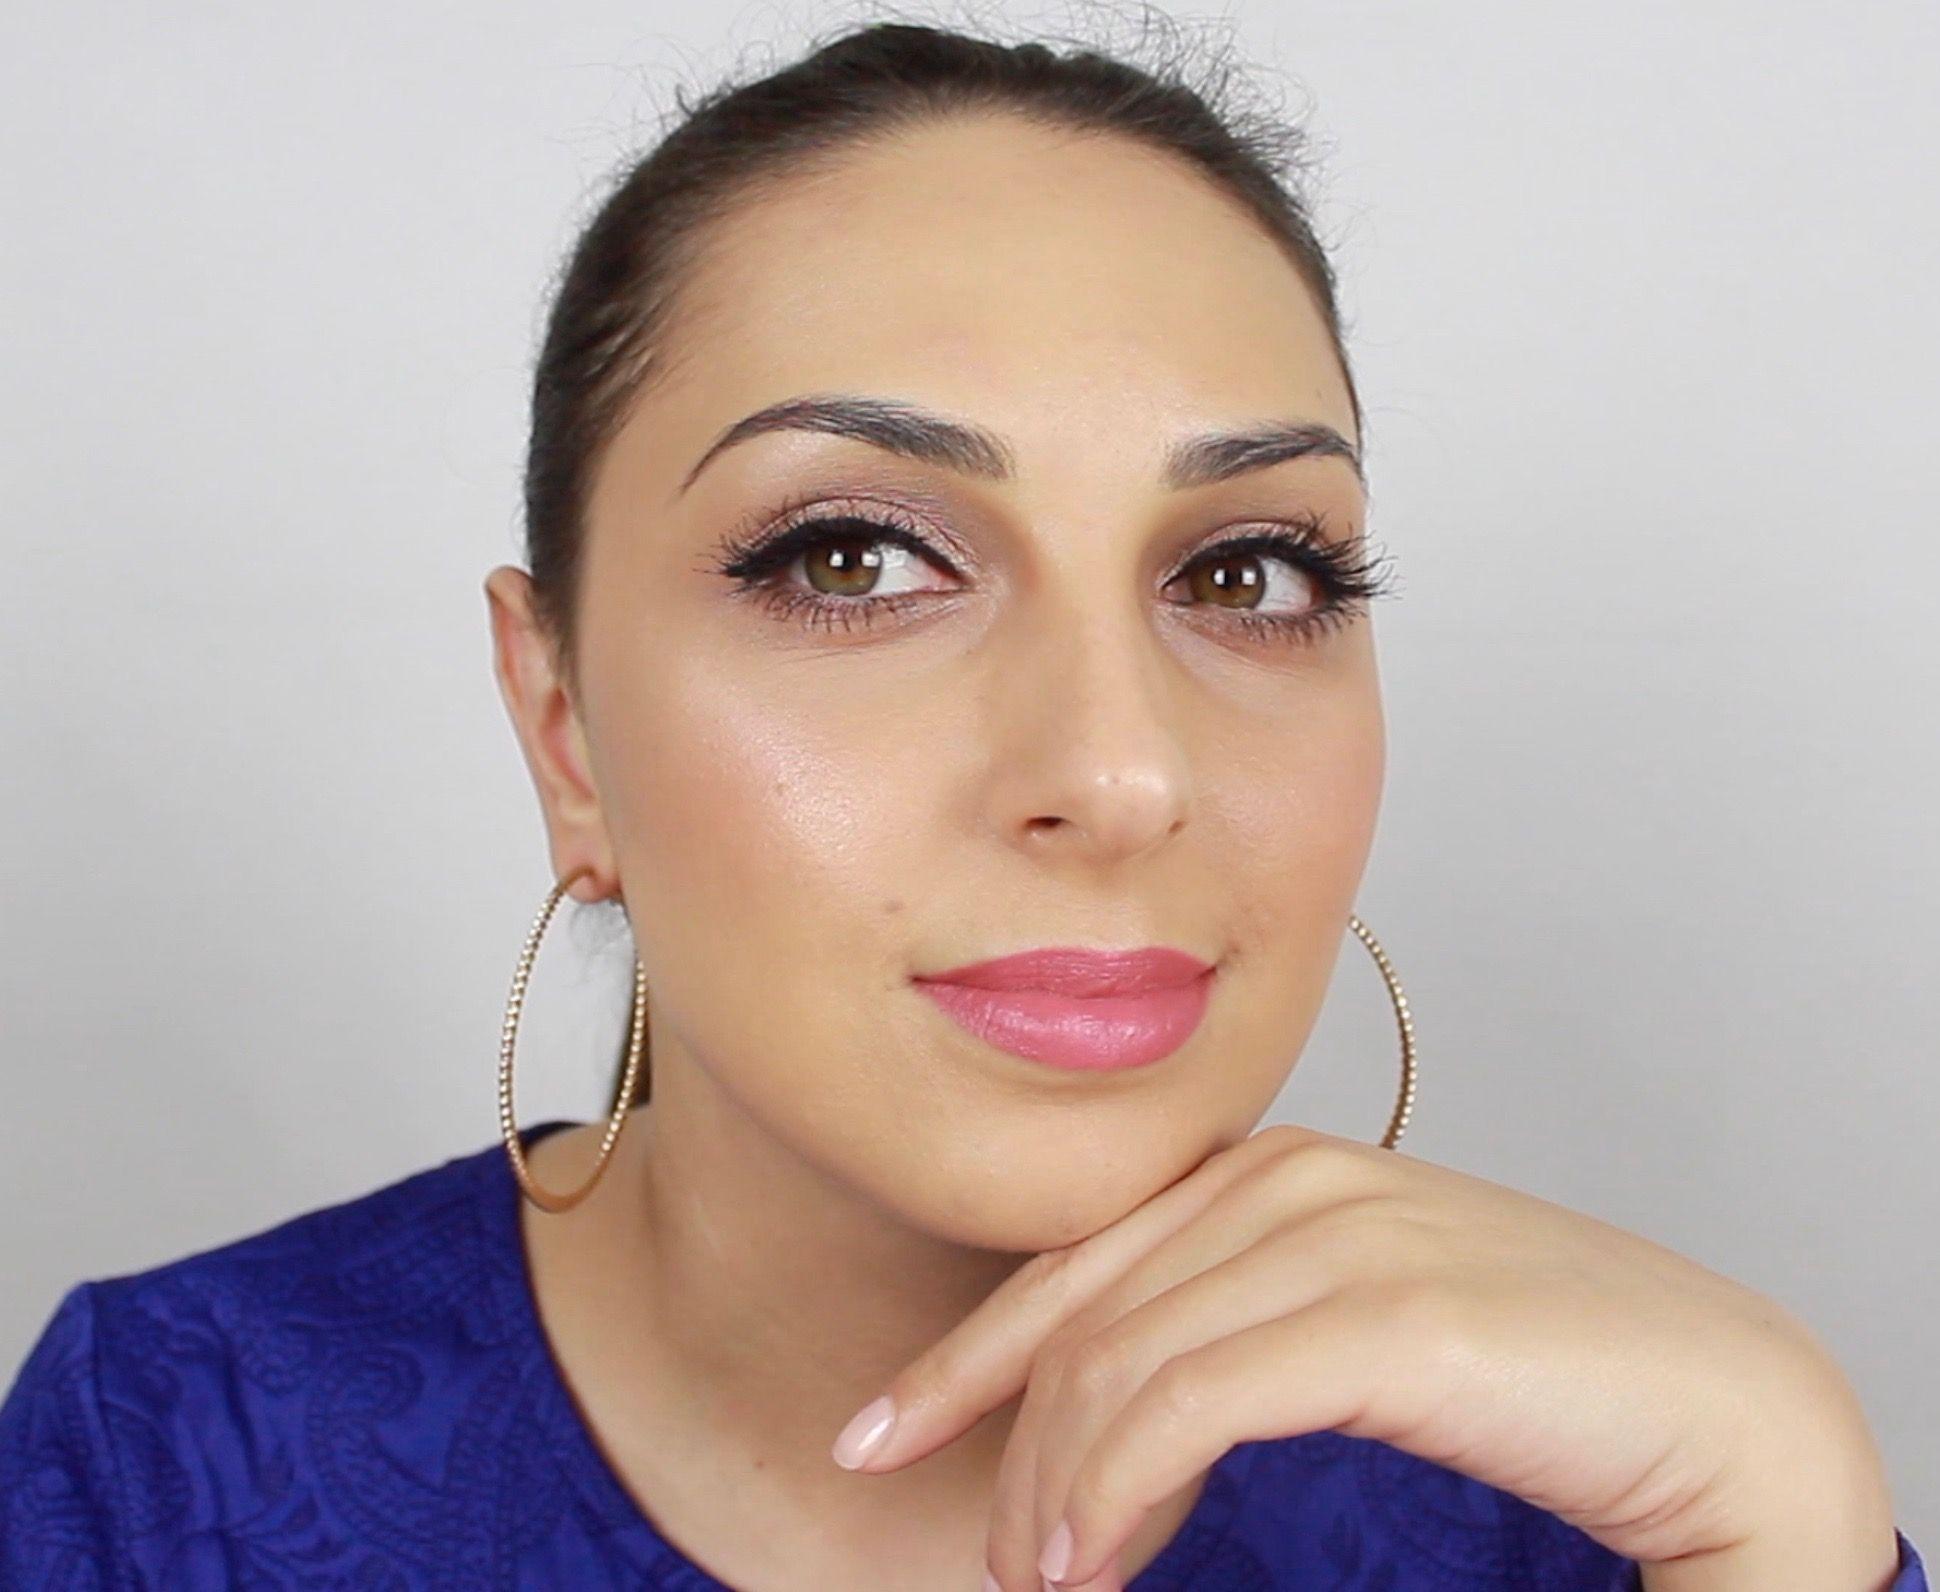 Post Nadia Zayat Makeup looks, Get the look, Hoop earrings